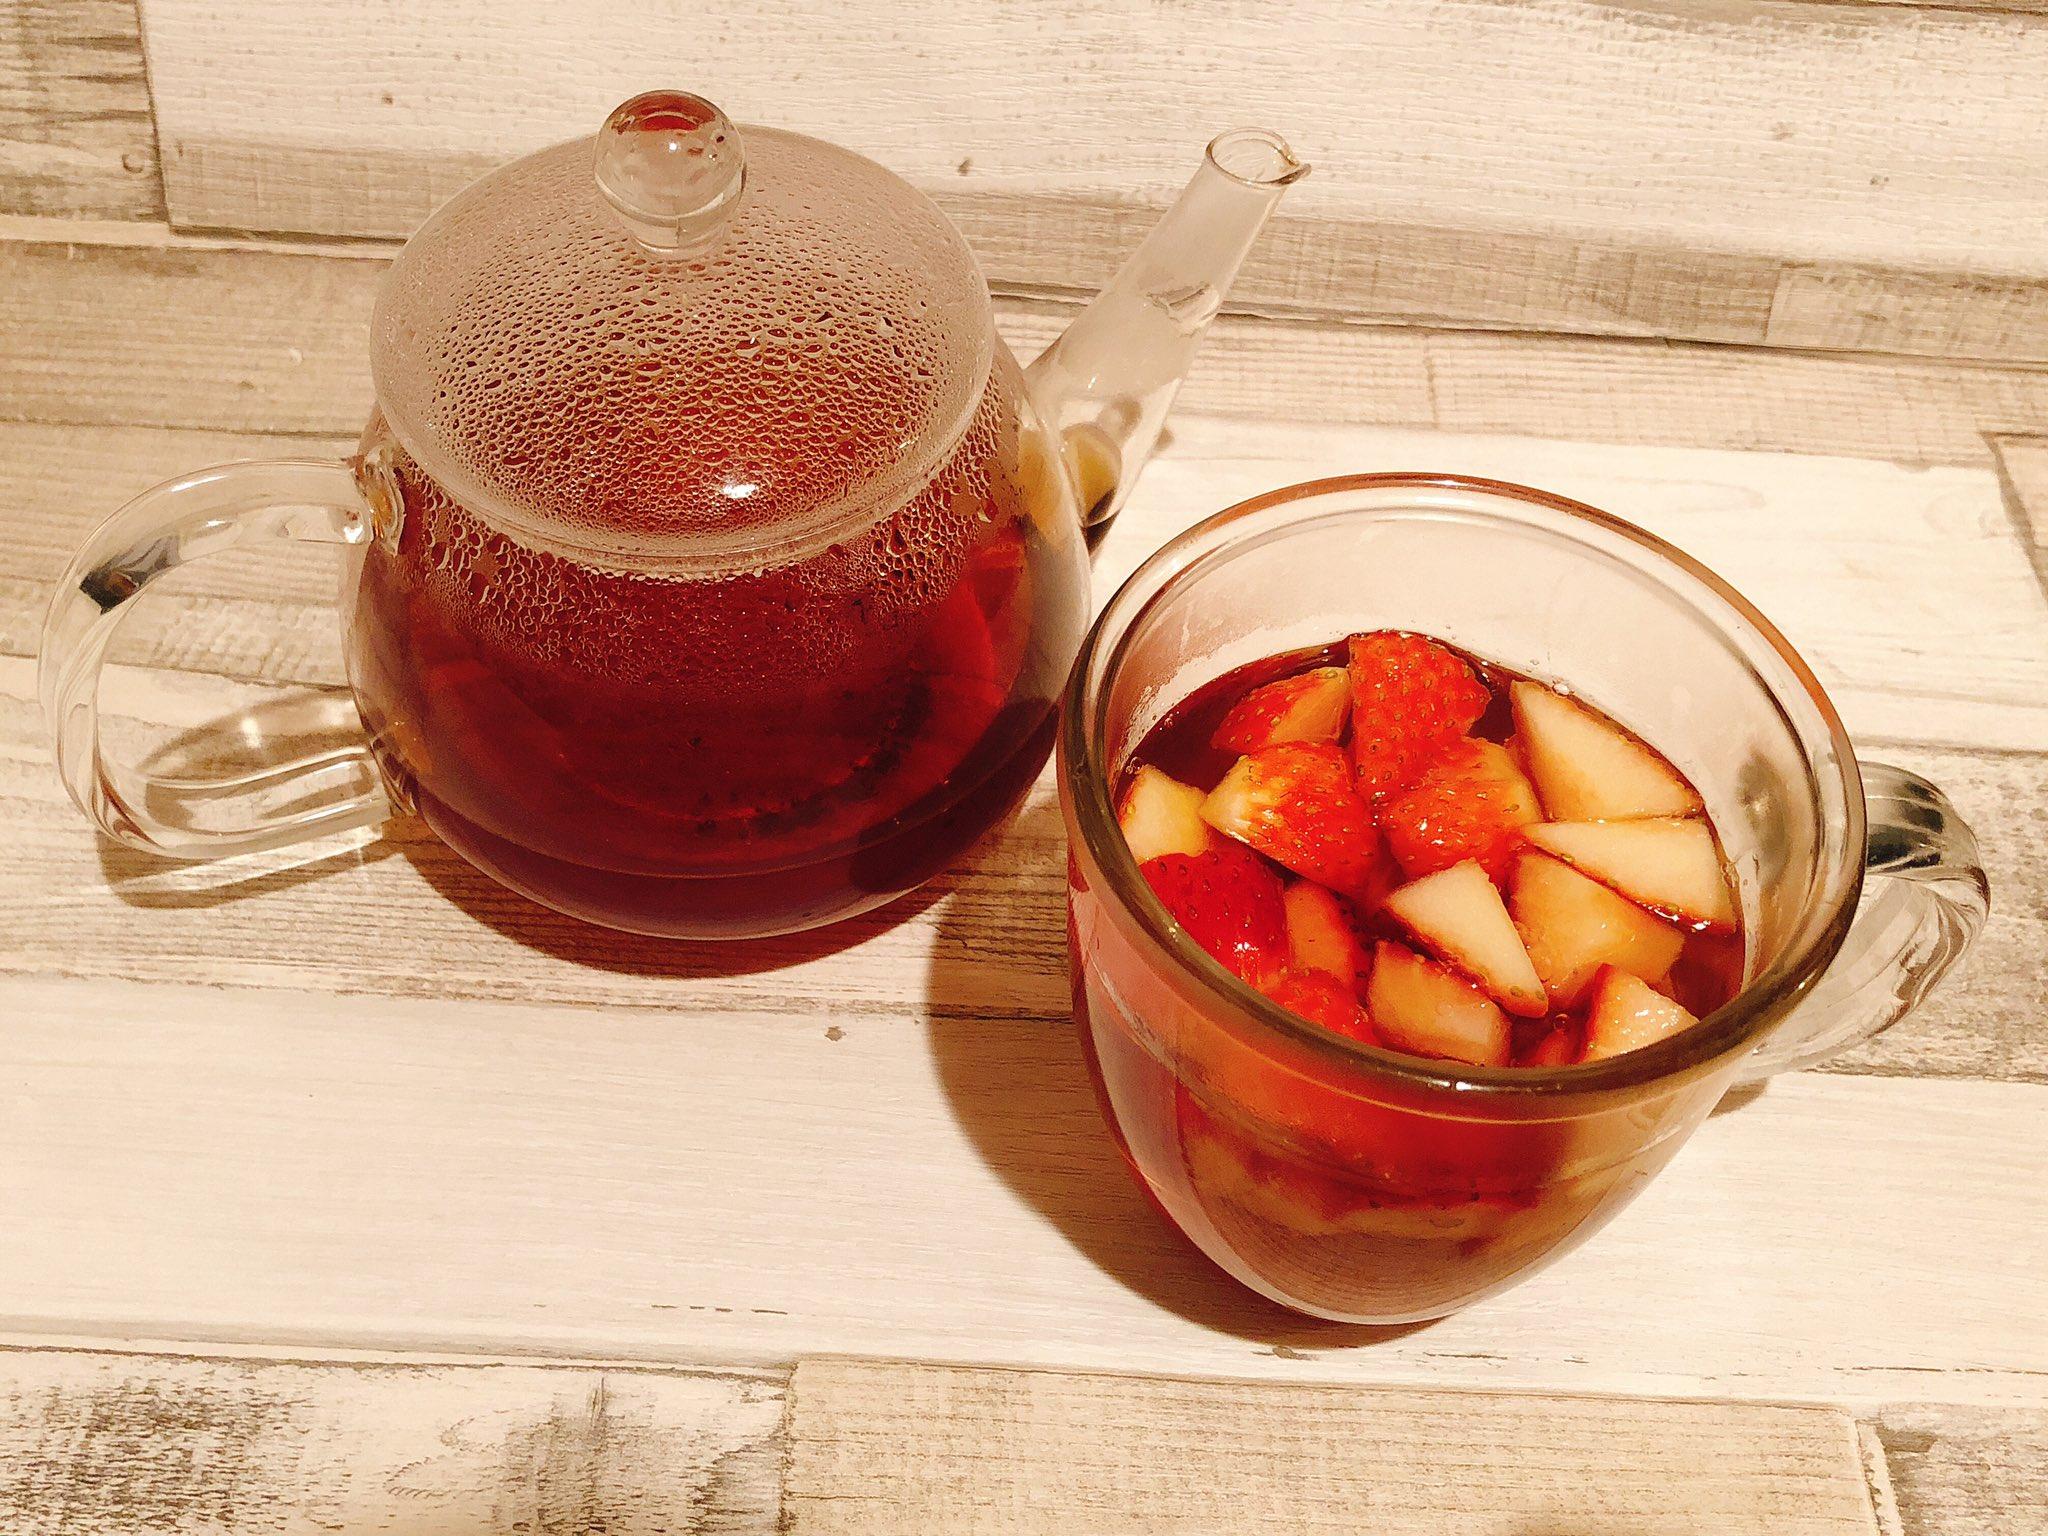 【自律神経失調にイチゴ紅茶】 春は自律神経のバランスが崩れやすい季節です。 そこでおススメ『イチゴ紅茶』 イチゴ(2〜3個)を刻んでティーカップに入れ、紅茶を注ぐだけ。 薬膳的に自律神経を整え、情緒を安定させるとても良い組合せ。 紅茶の温性でイチゴの涼性も和らぎます。良い香り♪